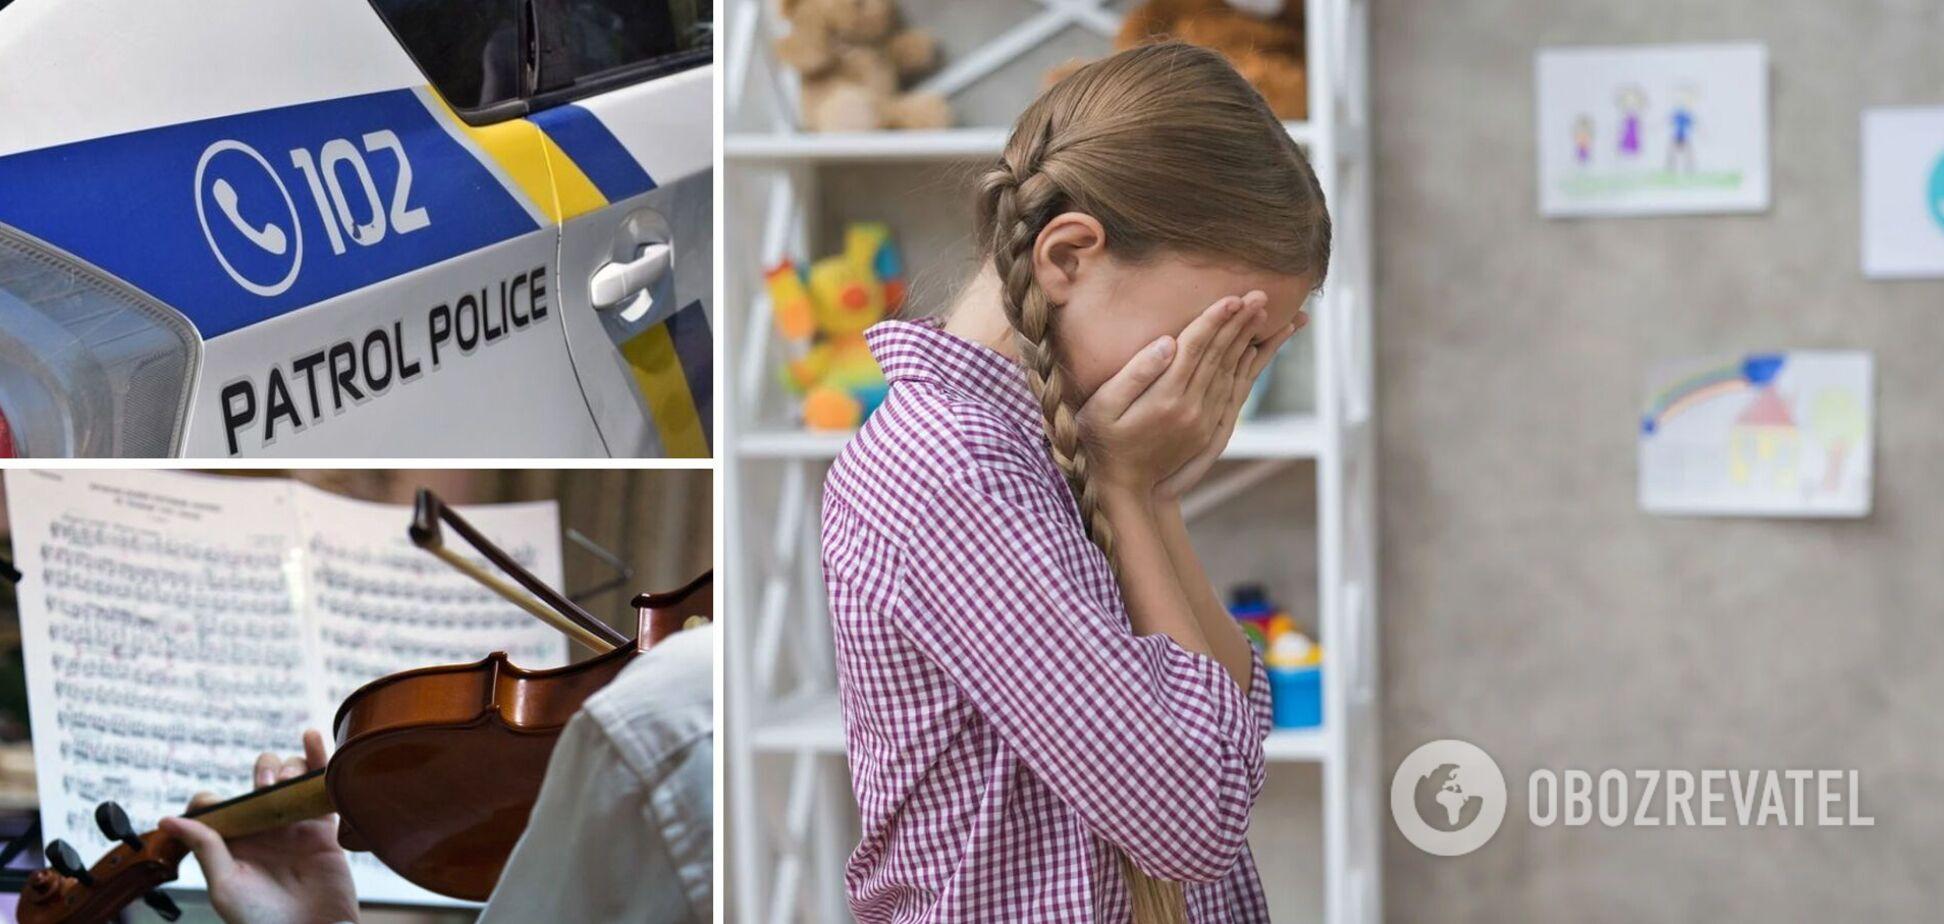 Прижимал девочек к себе и лез под одежду: подробности скандала с учителем музыки на Тернопольщине